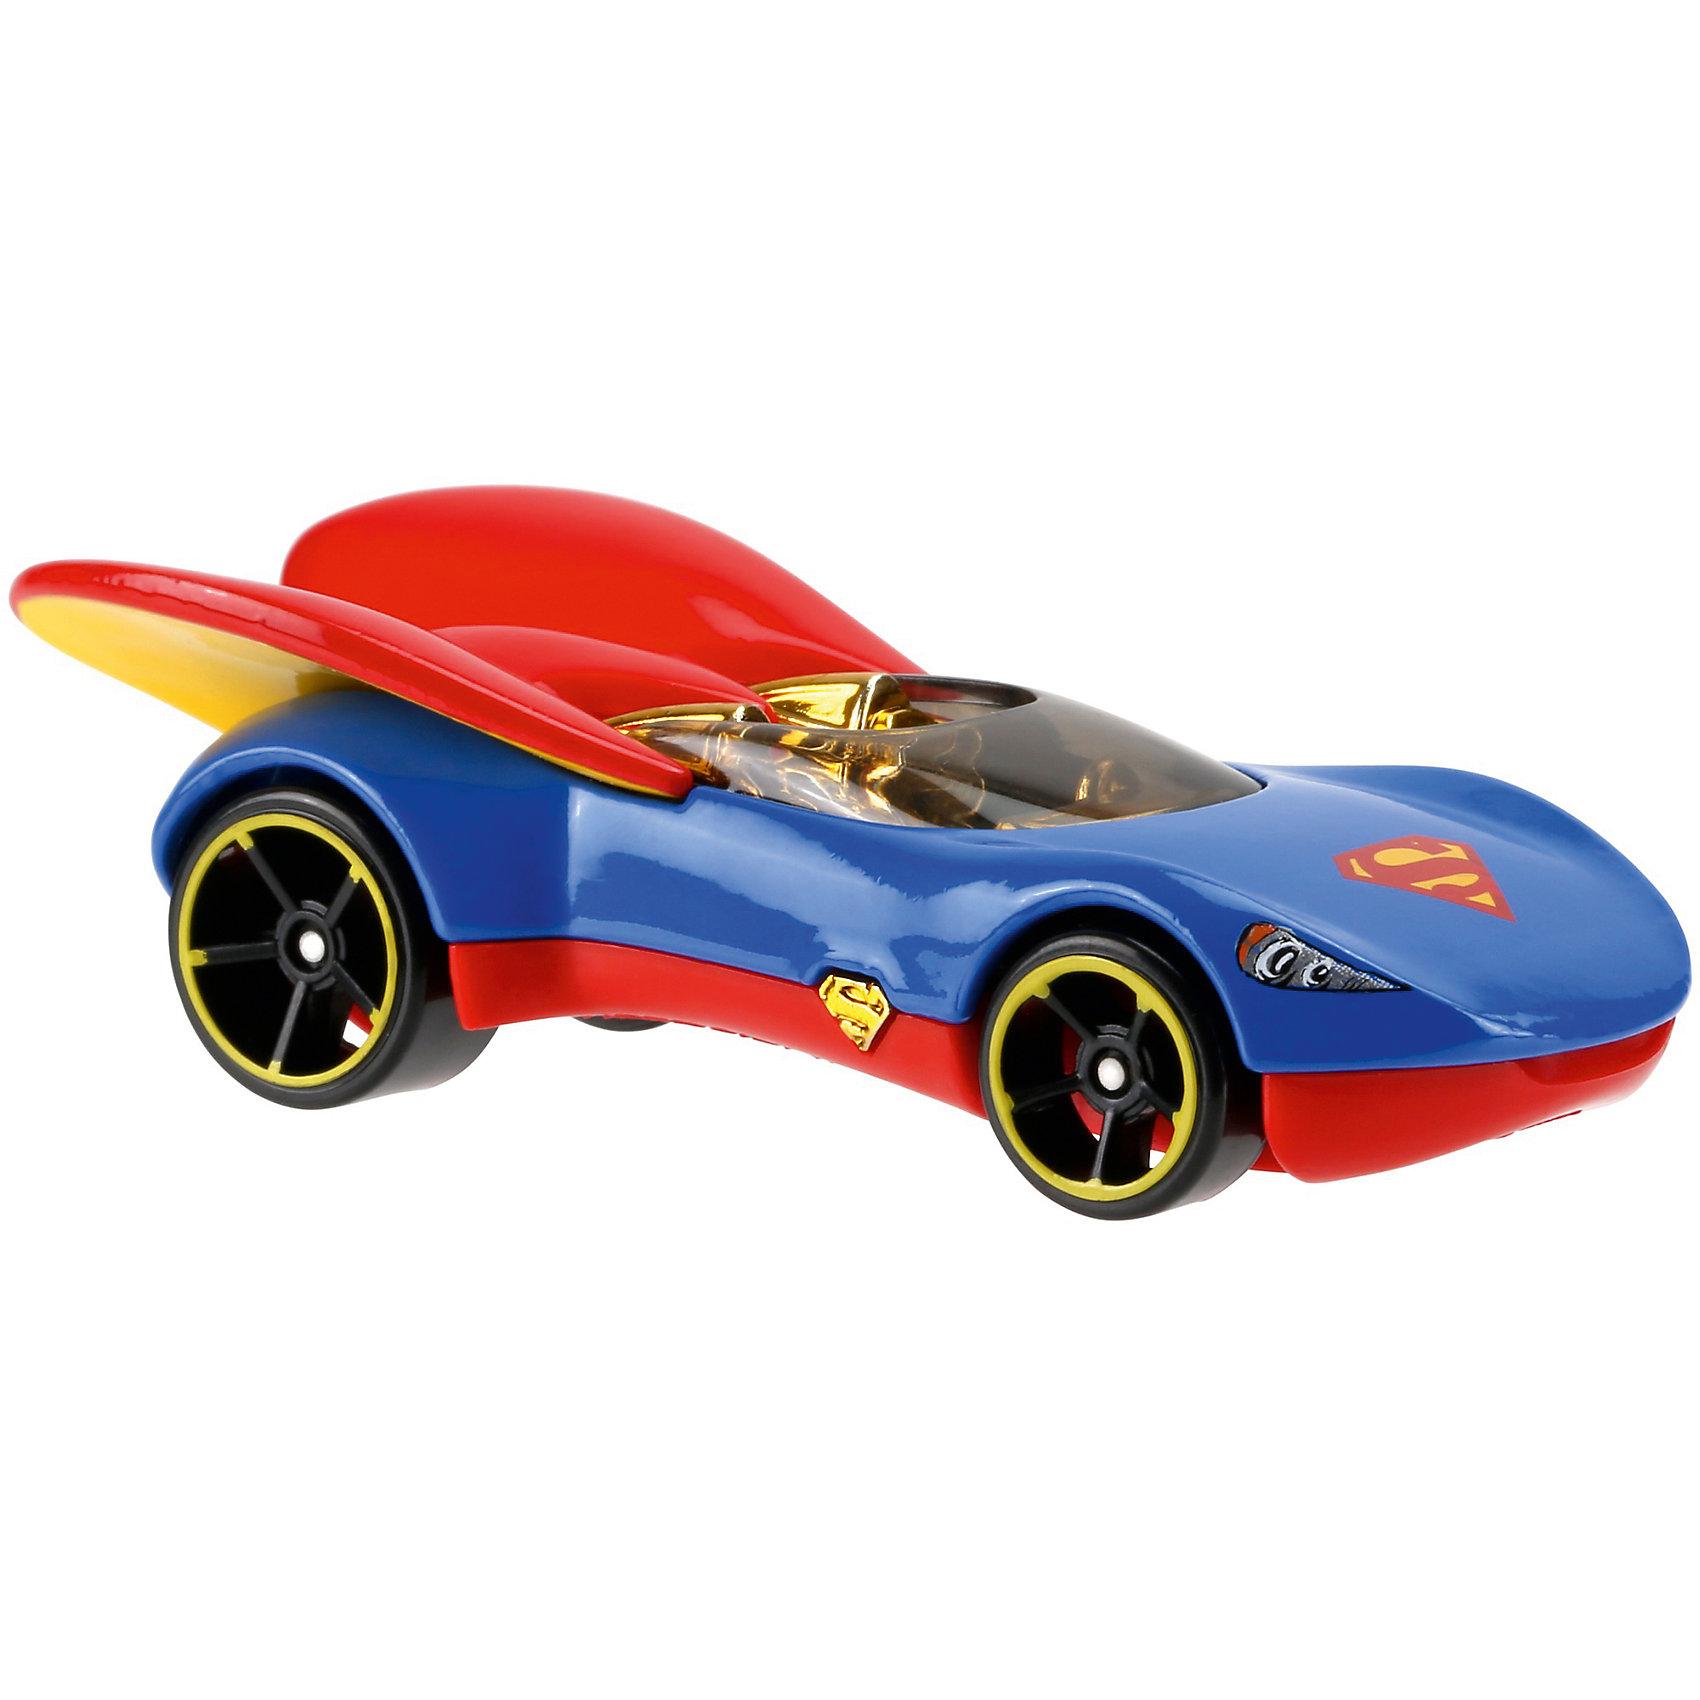 Машинка DCSHG Супергёрл, Hot WheelsМашинка DCSHG Супергёрл, Hot Wheels.<br><br>Характеристики:<br><br>- Масштаб 1:64<br>- Материал: металл, пластик<br><br>Машинка DCSHG Супергёрл, Hot Wheels – это коллекционная модель, выполненная в образе Супергёрл Кара Зор-Эл, кузины Супермена. Уникальный дизайн машинки сделает любую игру вашего ребенка захватывающей и интересной. Модель обязательно заинтересует как маленьких поклонников супер героев, так взрослых коллекционеров авто. Литой корпус придает модели прочность и долговечность.<br><br>Машинку DCSHG Супергёрл, Hot Wheels можно купить в нашем интернет-магазине.<br><br>Ширина мм: 165<br>Глубина мм: 45<br>Высота мм: 140<br>Вес г: 85<br>Возраст от месяцев: 36<br>Возраст до месяцев: 120<br>Пол: Мужской<br>Возраст: Детский<br>SKU: 5396415